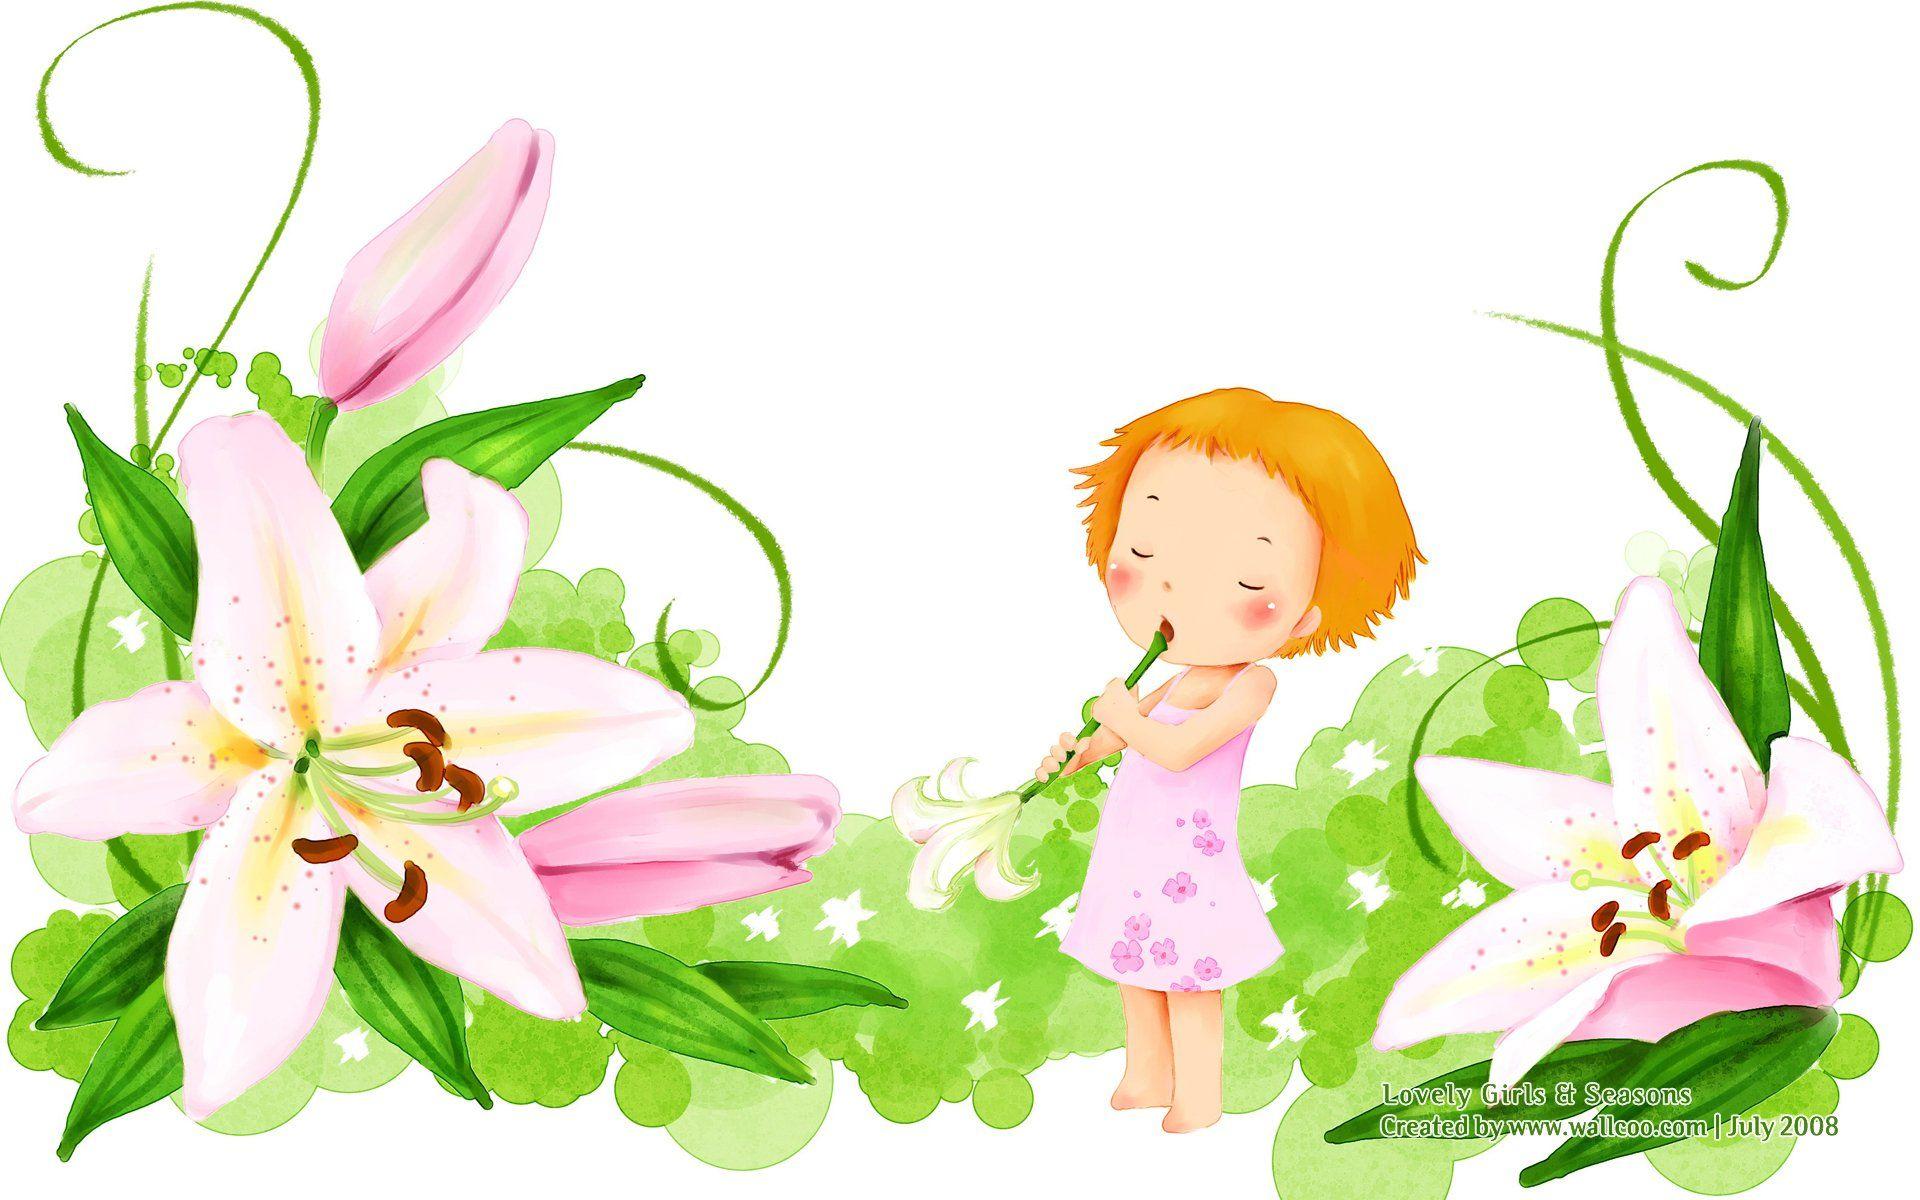 cartoons wallpaper free hd pics | hd wallpapers | pinterest